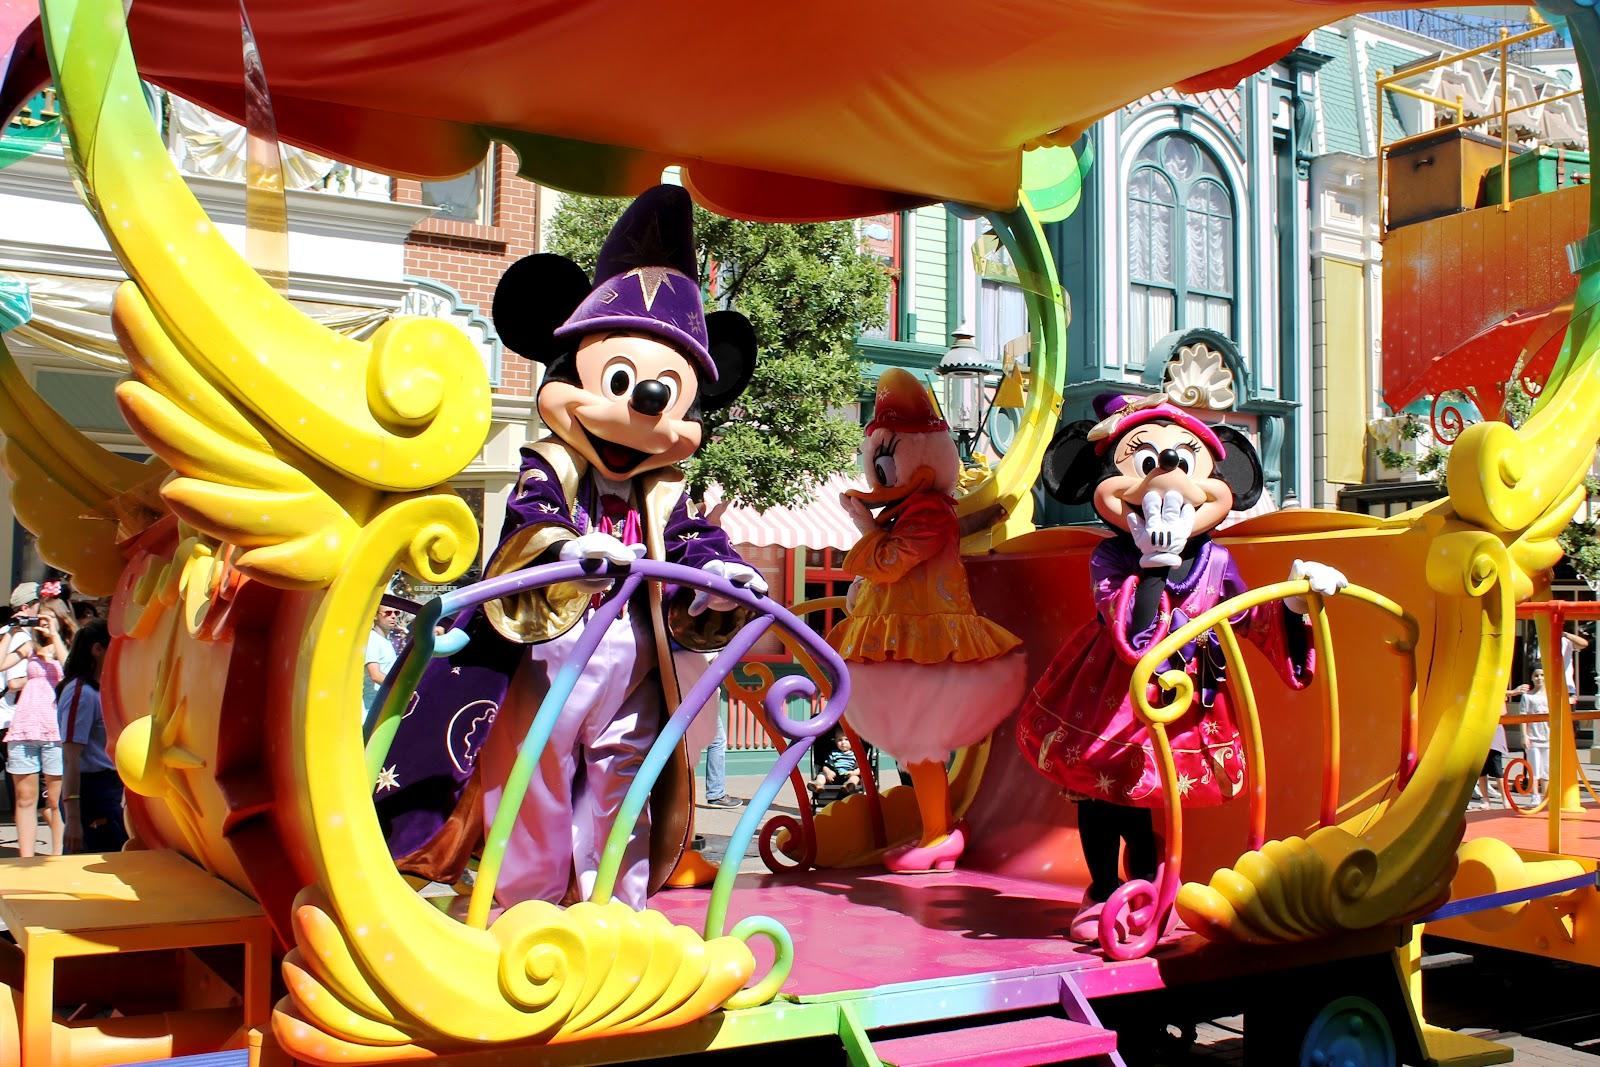 http://3.bp.blogspot.com/-guTBk_dMILI/UCaJxPo9lmI/AAAAAAAALzw/41_8dXjlYTQ/s1600/Disneyland+paris+parade+Minnie+Mickey+20th+year.jpg